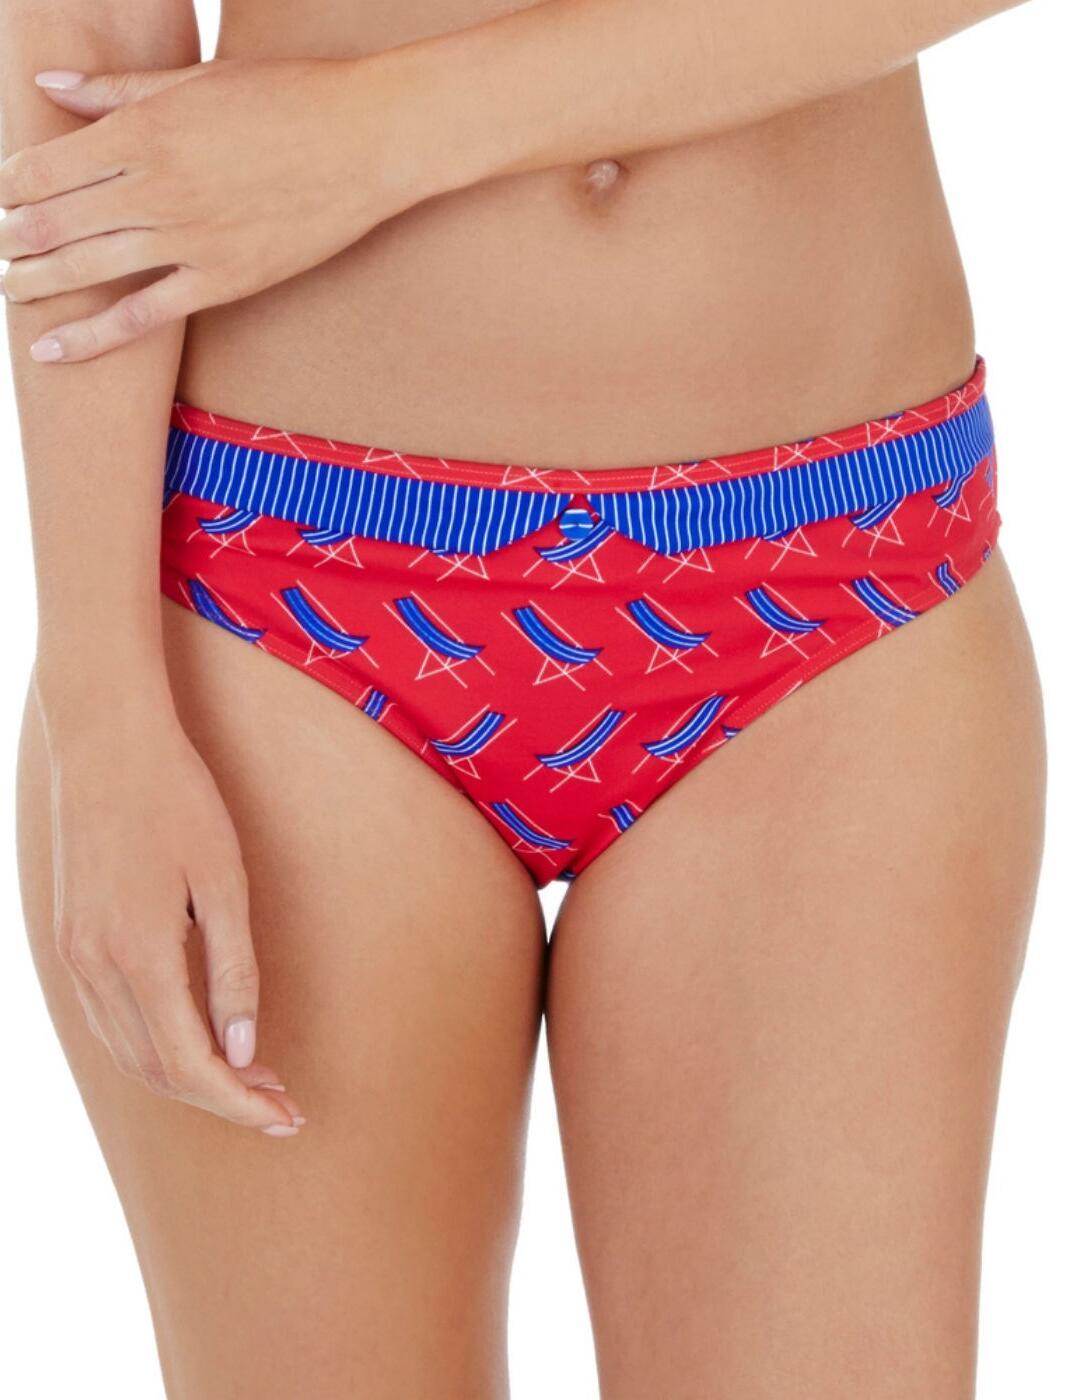 1539700 Lepel Deck Chair Bikini Pant Red/Blue  - 1539700 Brief